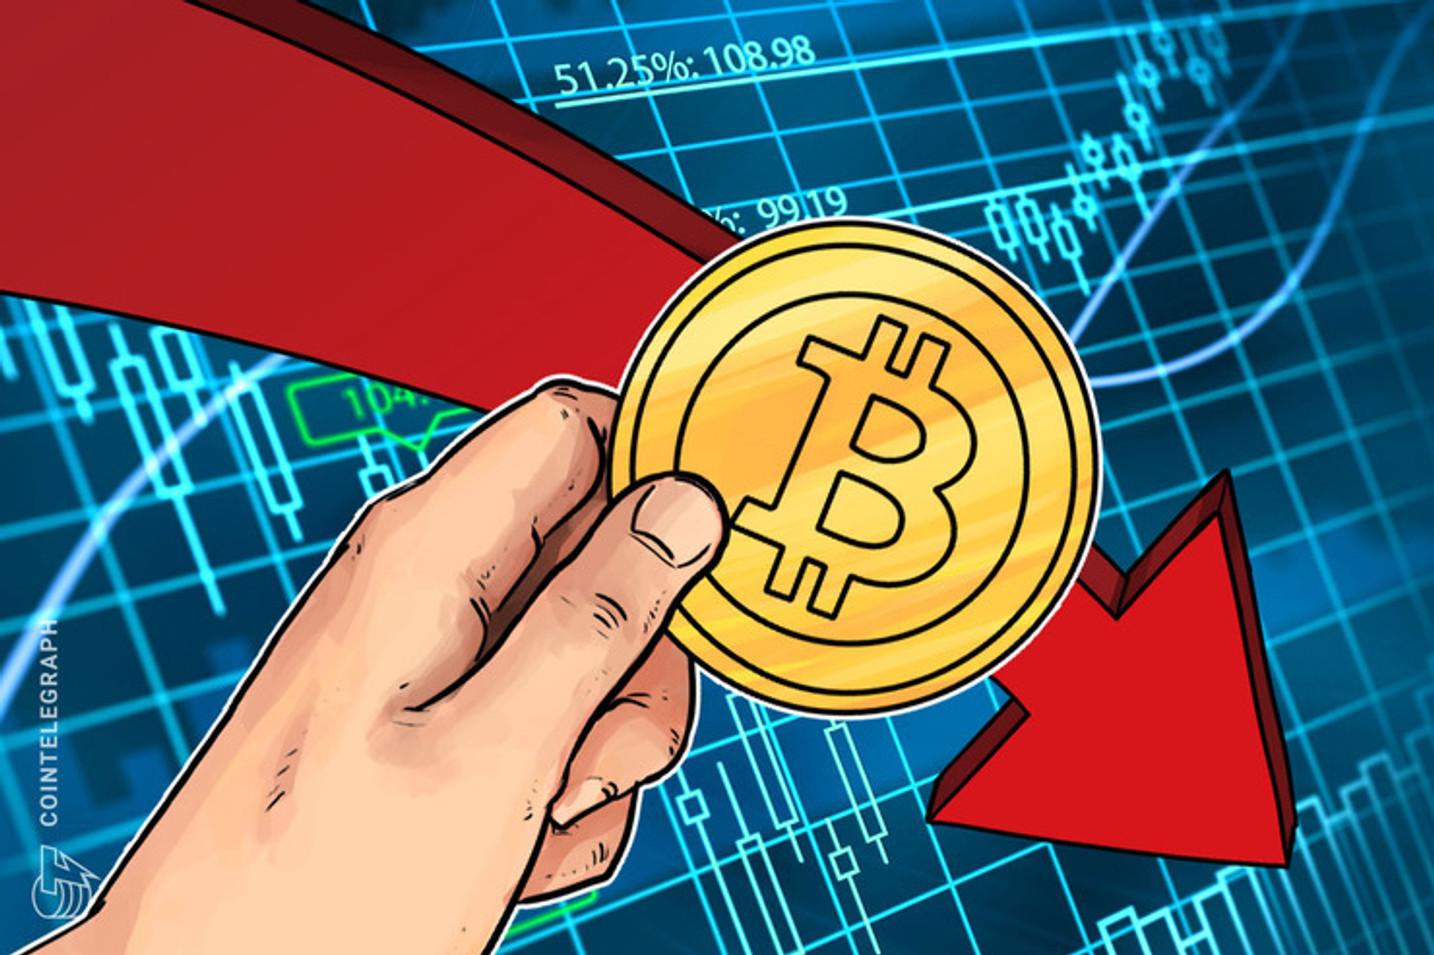 Un vistazo al criptomercado: Bitcoin cae al nivel más bajo desde junio gracias al Congreso de EE.UU. Y las Ballenas cripto mueven fondos dentro del intercambio Bithumb